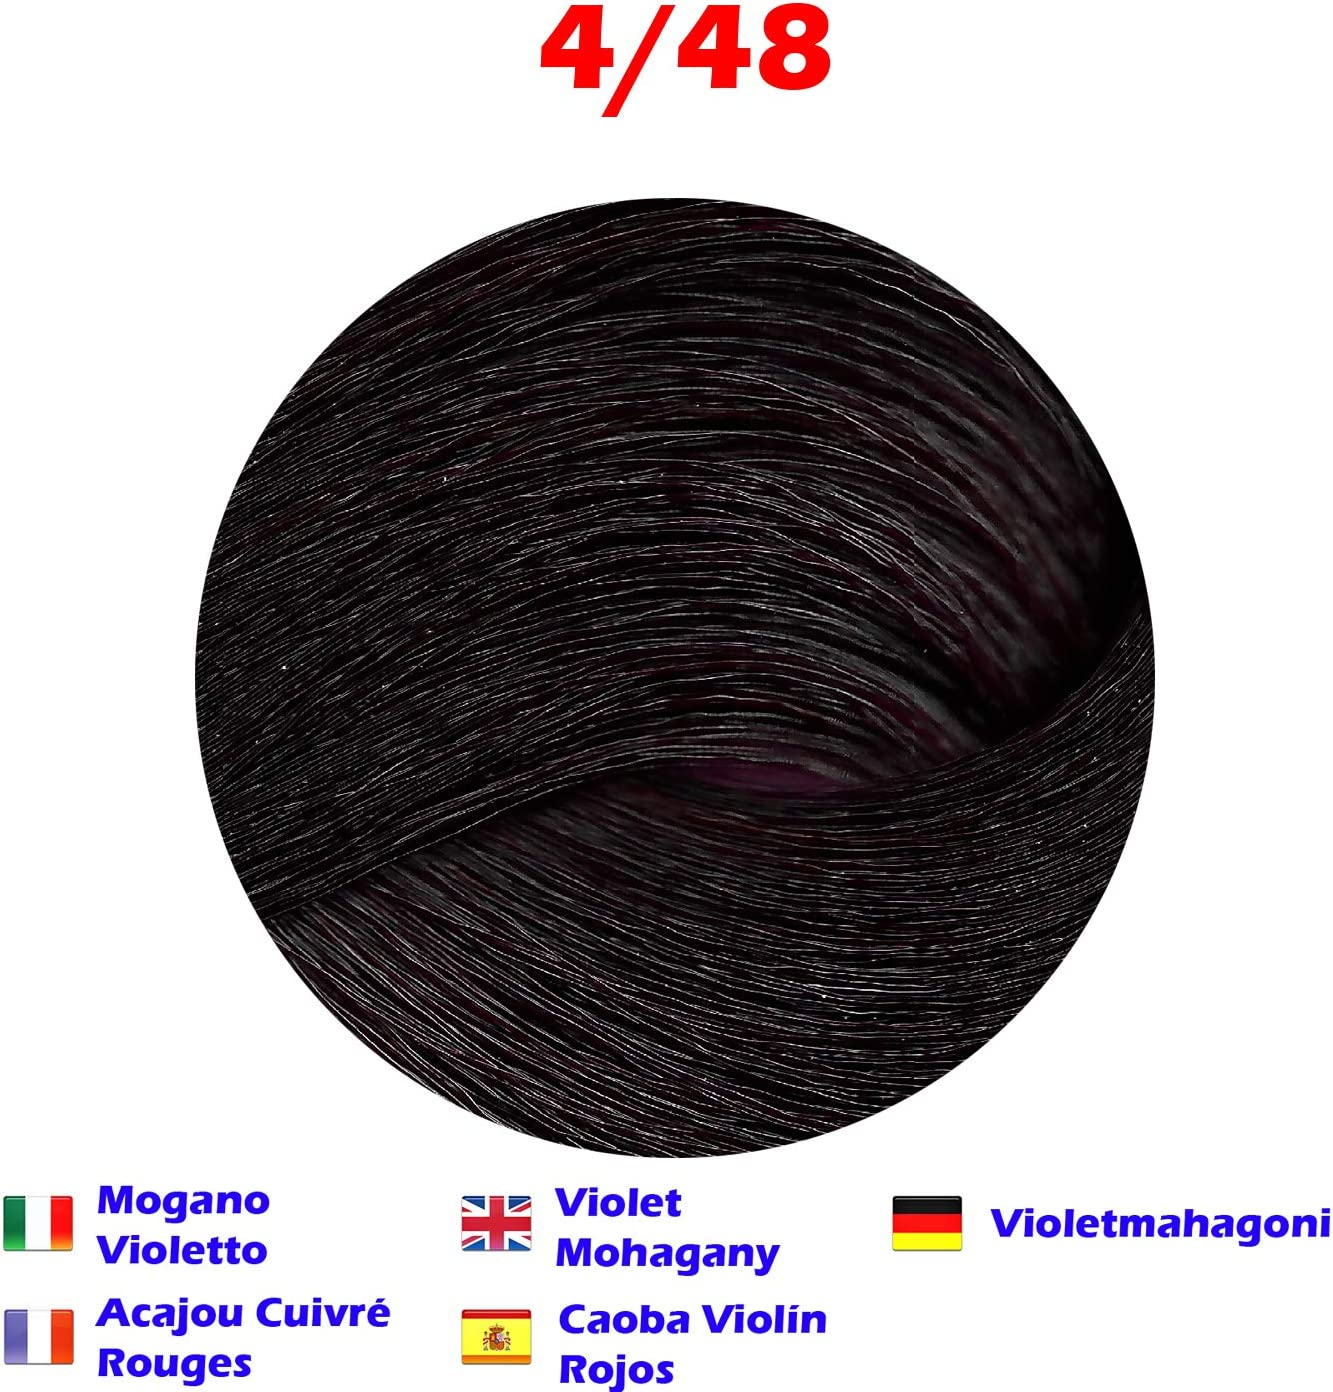 Tinte de Pelo Profesional Caoba Violín Rojos Caoba con Amoníaco 4/48 Permanente 100ml Made in Italy